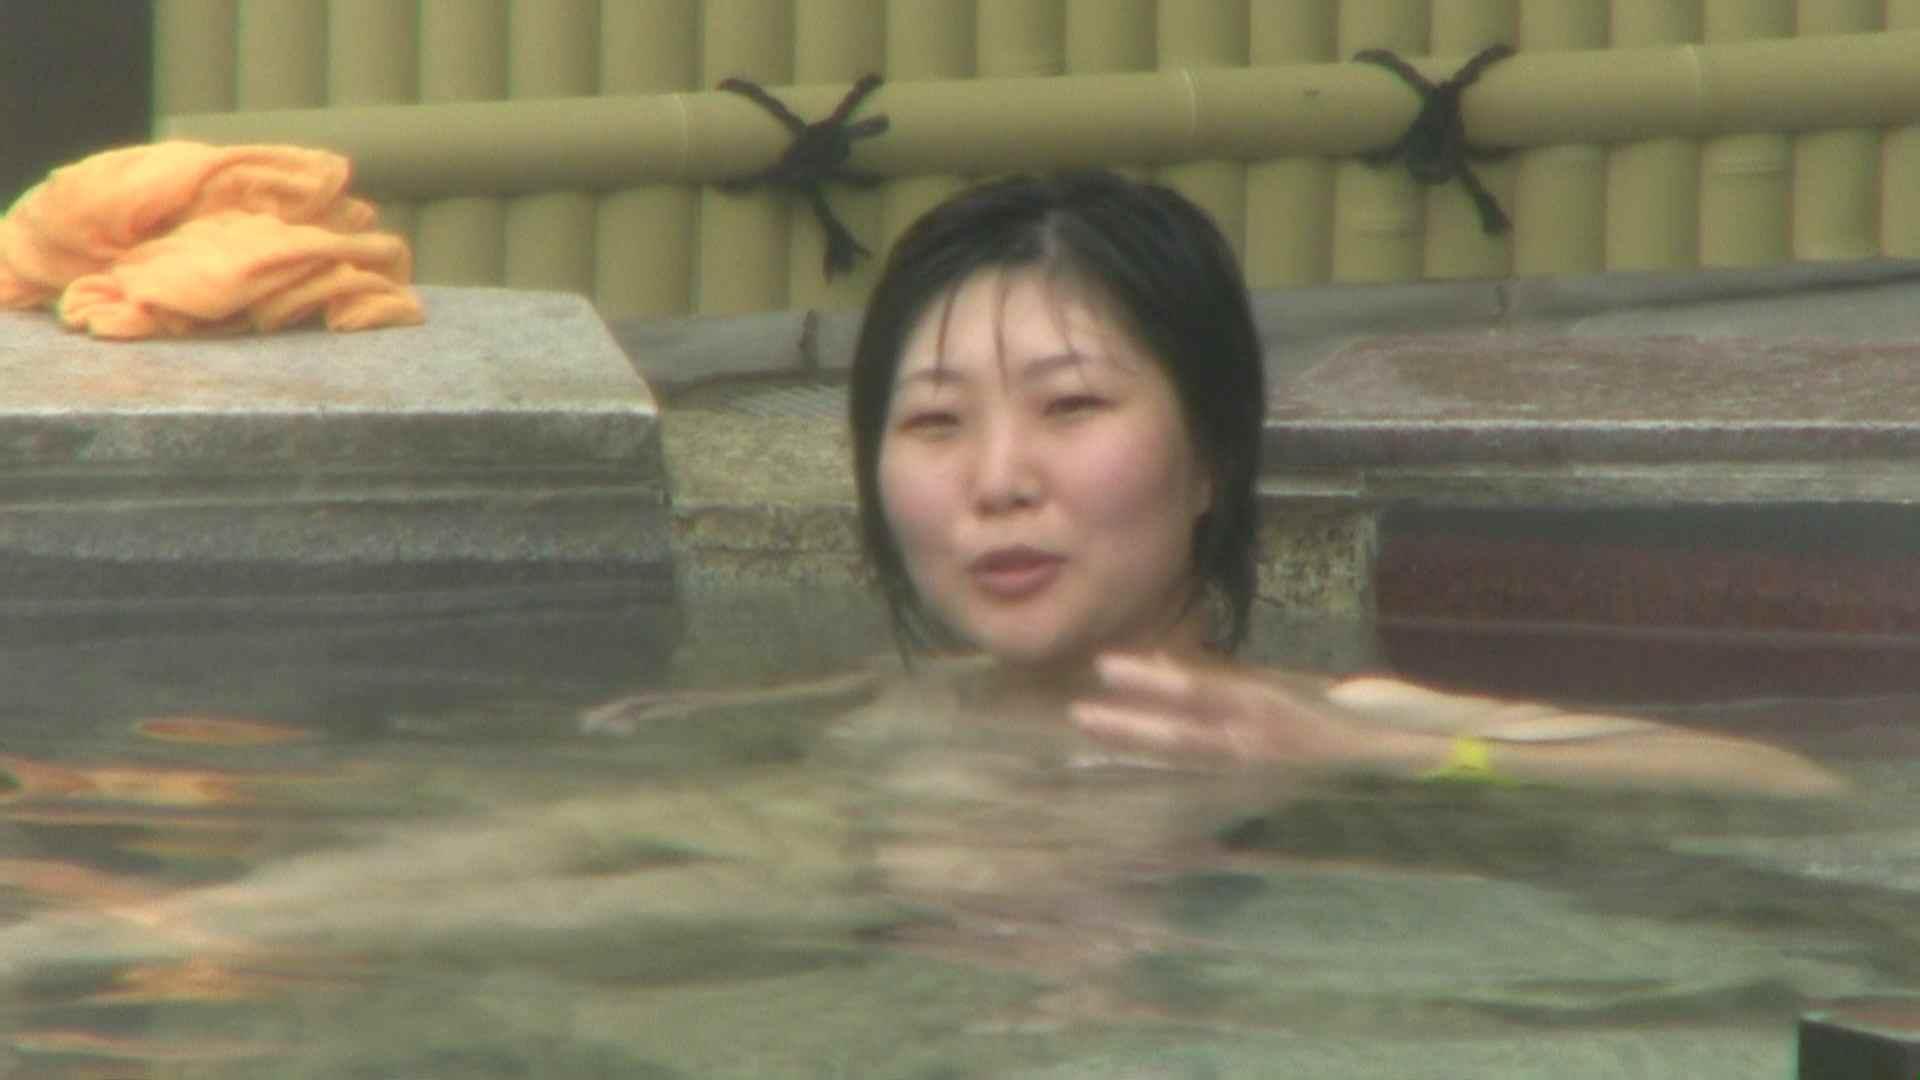 Aquaな露天風呂Vol.75【VIP限定】 盗撮師作品 オメコ動画キャプチャ 107pic 107